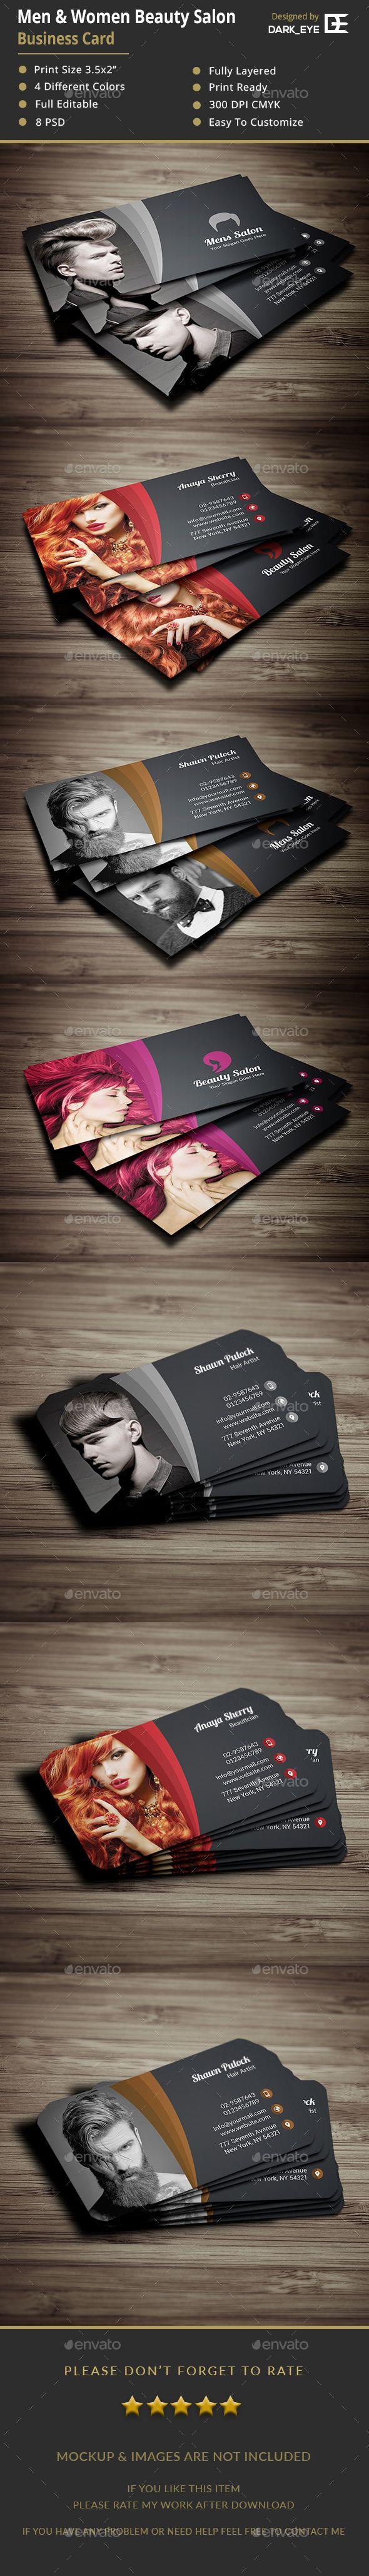 Men & Women Salon Business Card Template PSD. Download here: https://graphicriver.net/item/men-women-salon-business-card/19013199?ref=ksioks